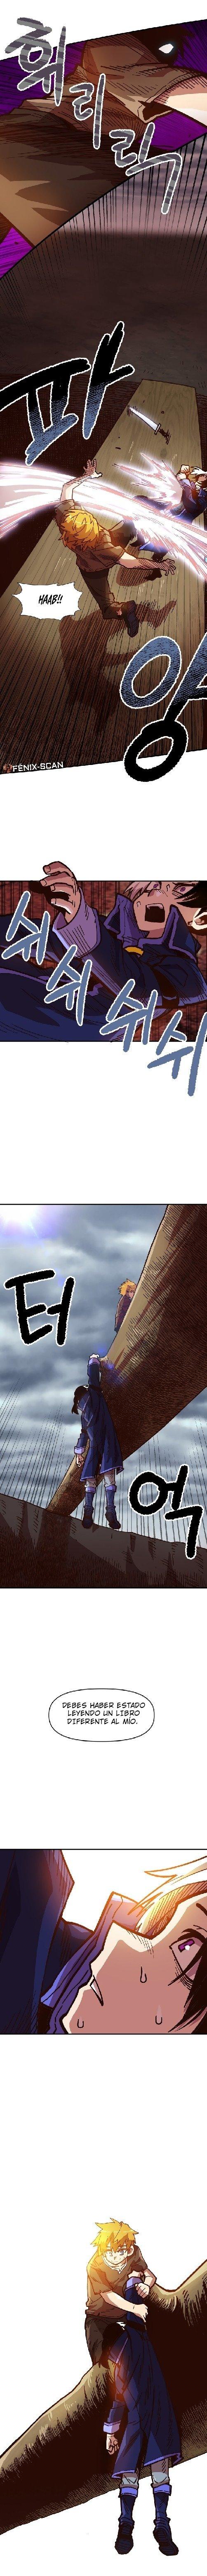 https://nine.mangadogs.com/es_manga/pic8/15/35919/948230/26864bfba07bfdc89934ec5ca9367ab9.jpg Page 14